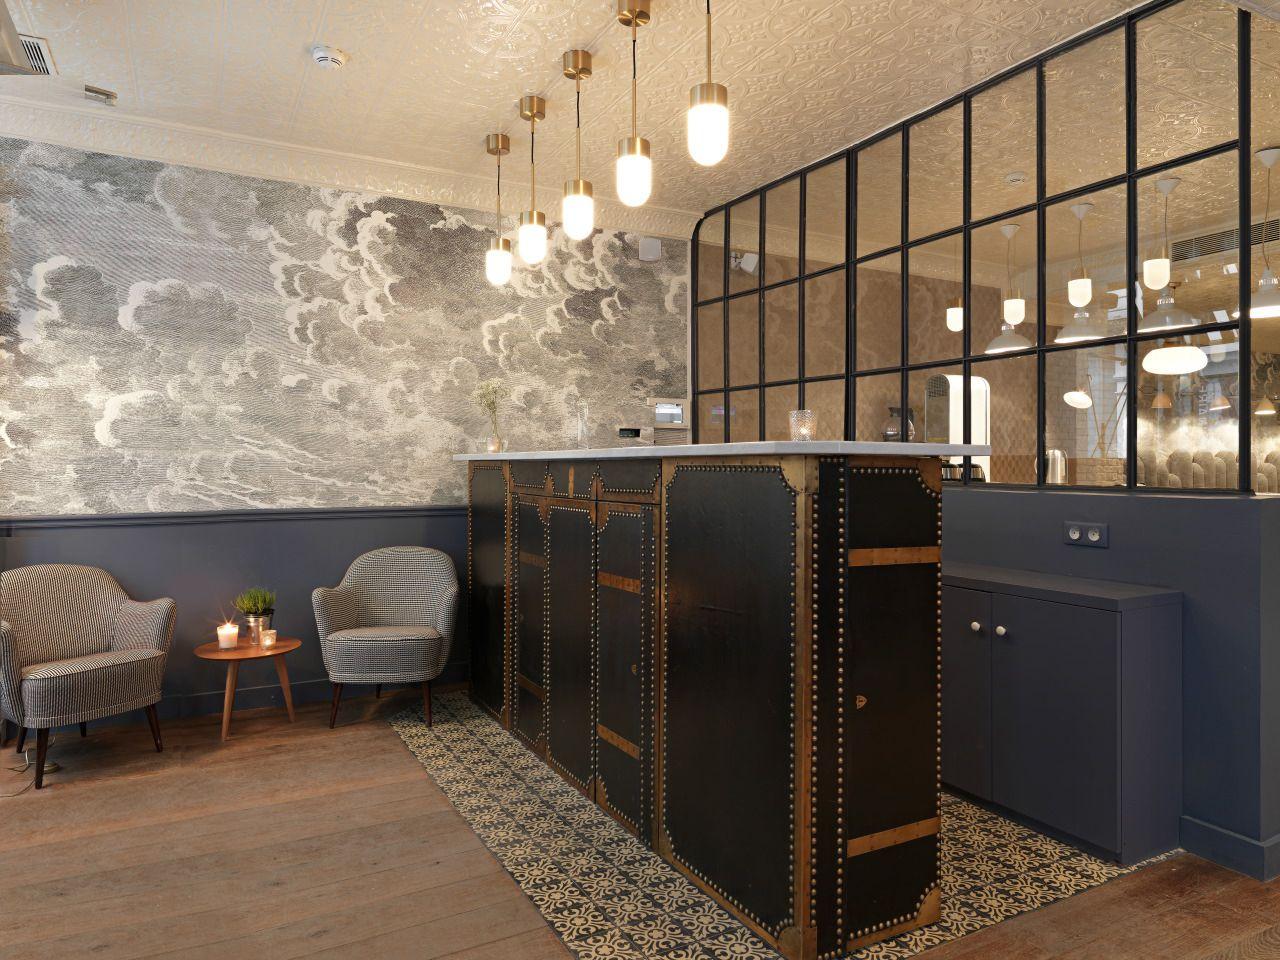 Hotel Paradis Paris - Design: Dorothee Meilichzon | Paris ...